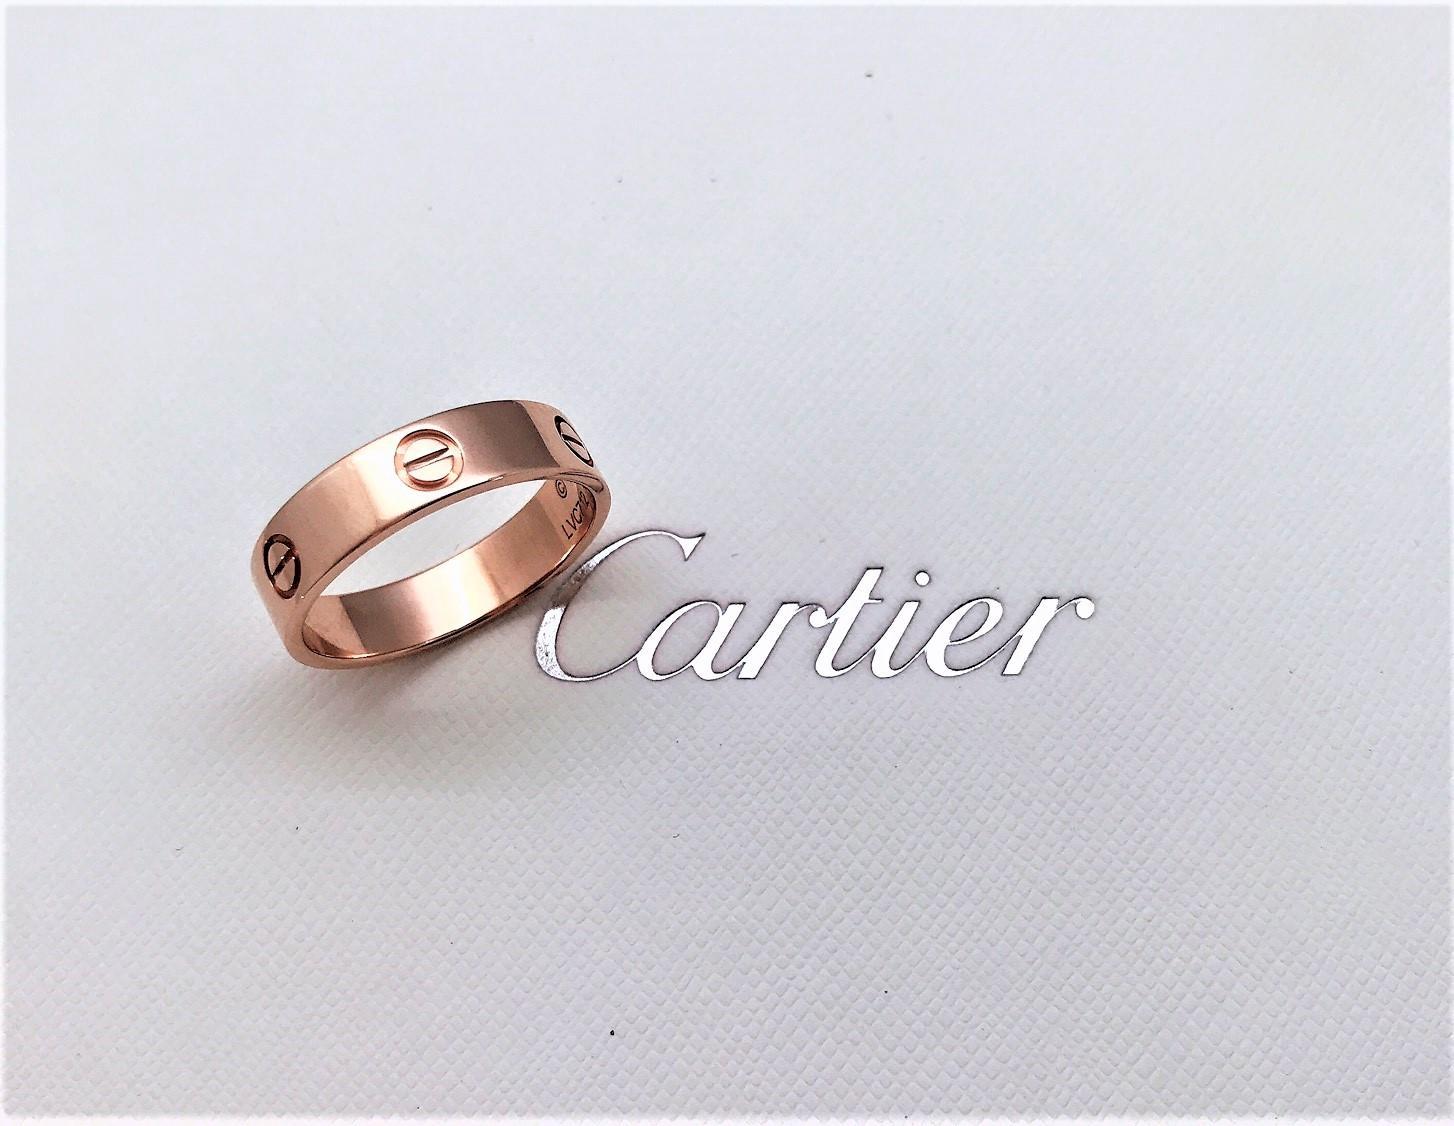 Cartier 卡地亞 LOVE 戒指 寬版64號 18K玫瑰金  n0742-01